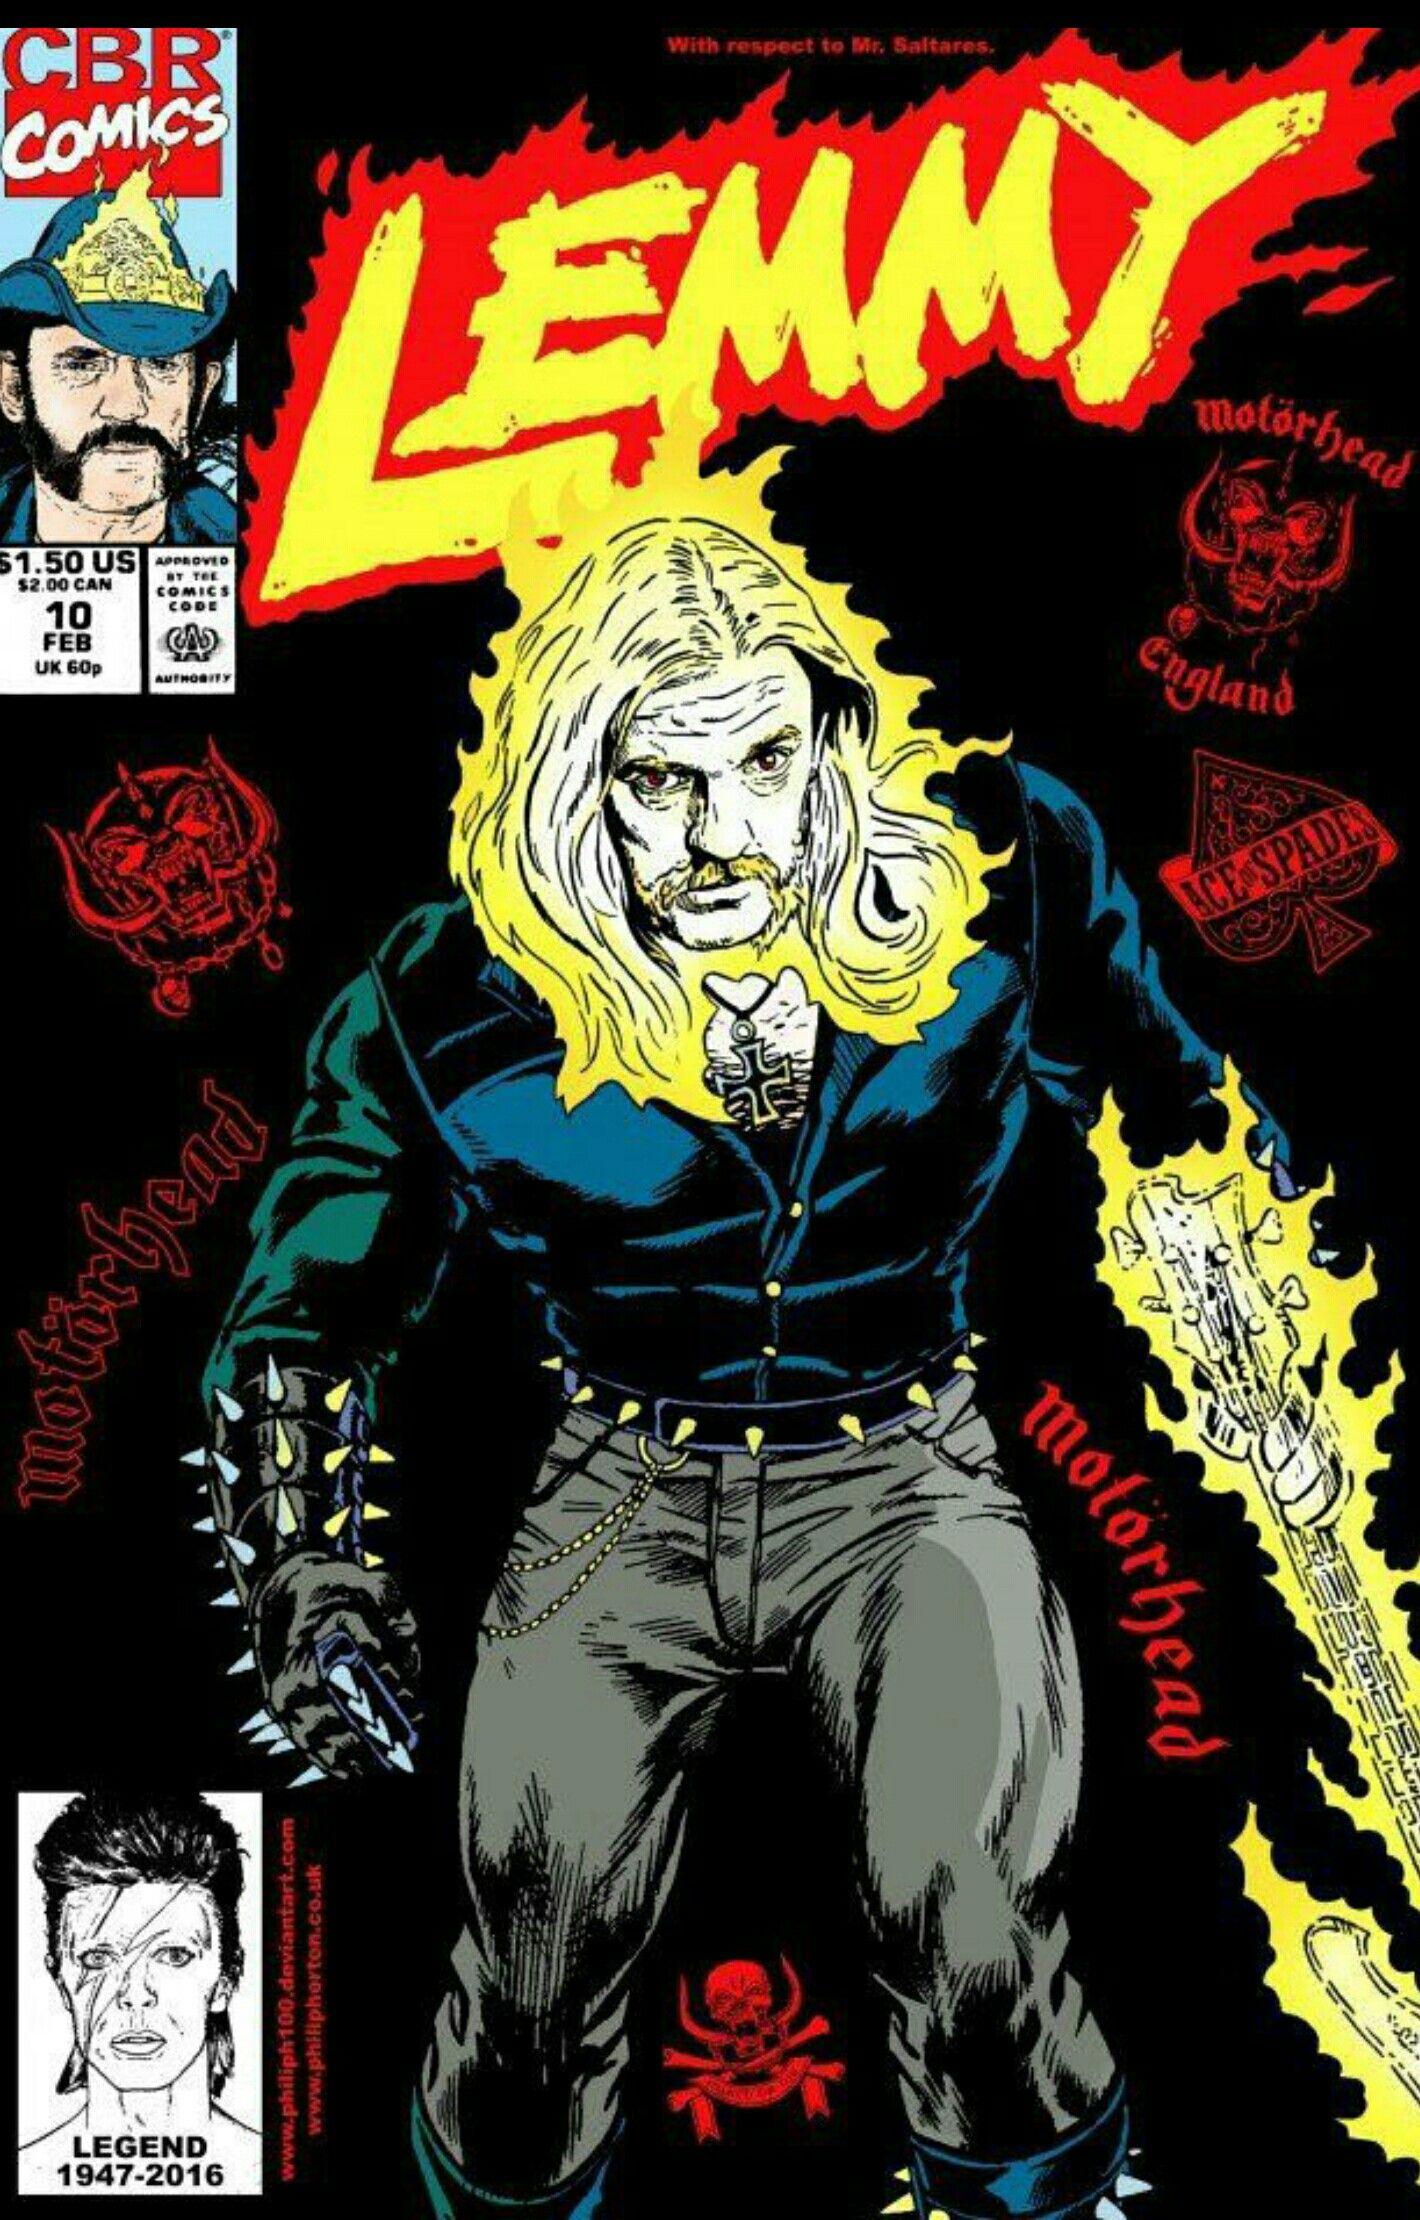 Motörhead Lemmy Comic | Rock Posters | Lemmy motorhead, Rock